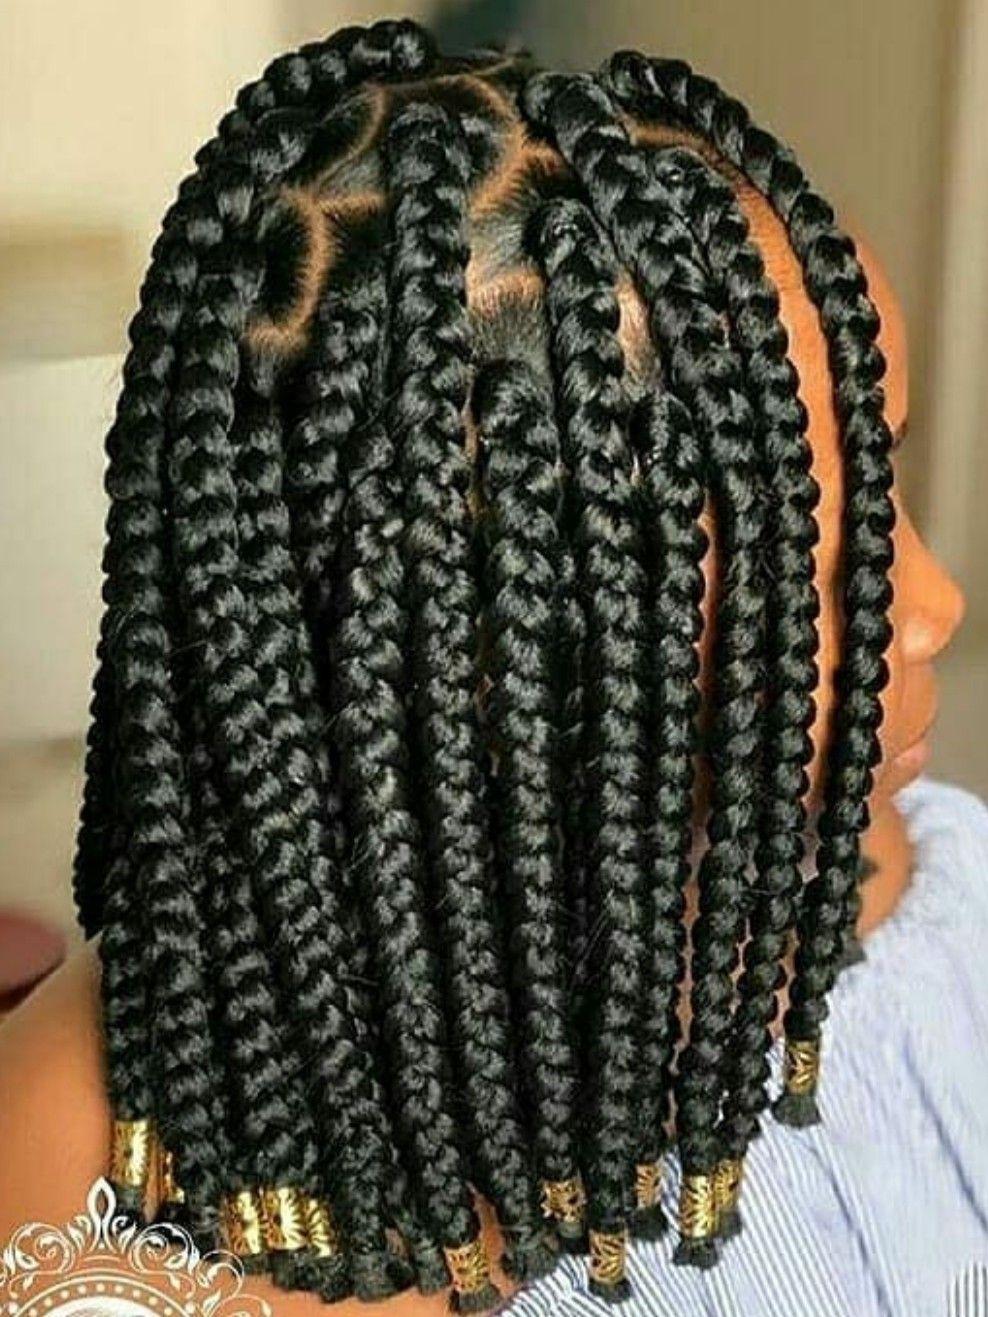 Pin By Matilda Marmah On Natural Hair African Hair Braiding Styles Short Box Braids Short Box Braids Hairstyles